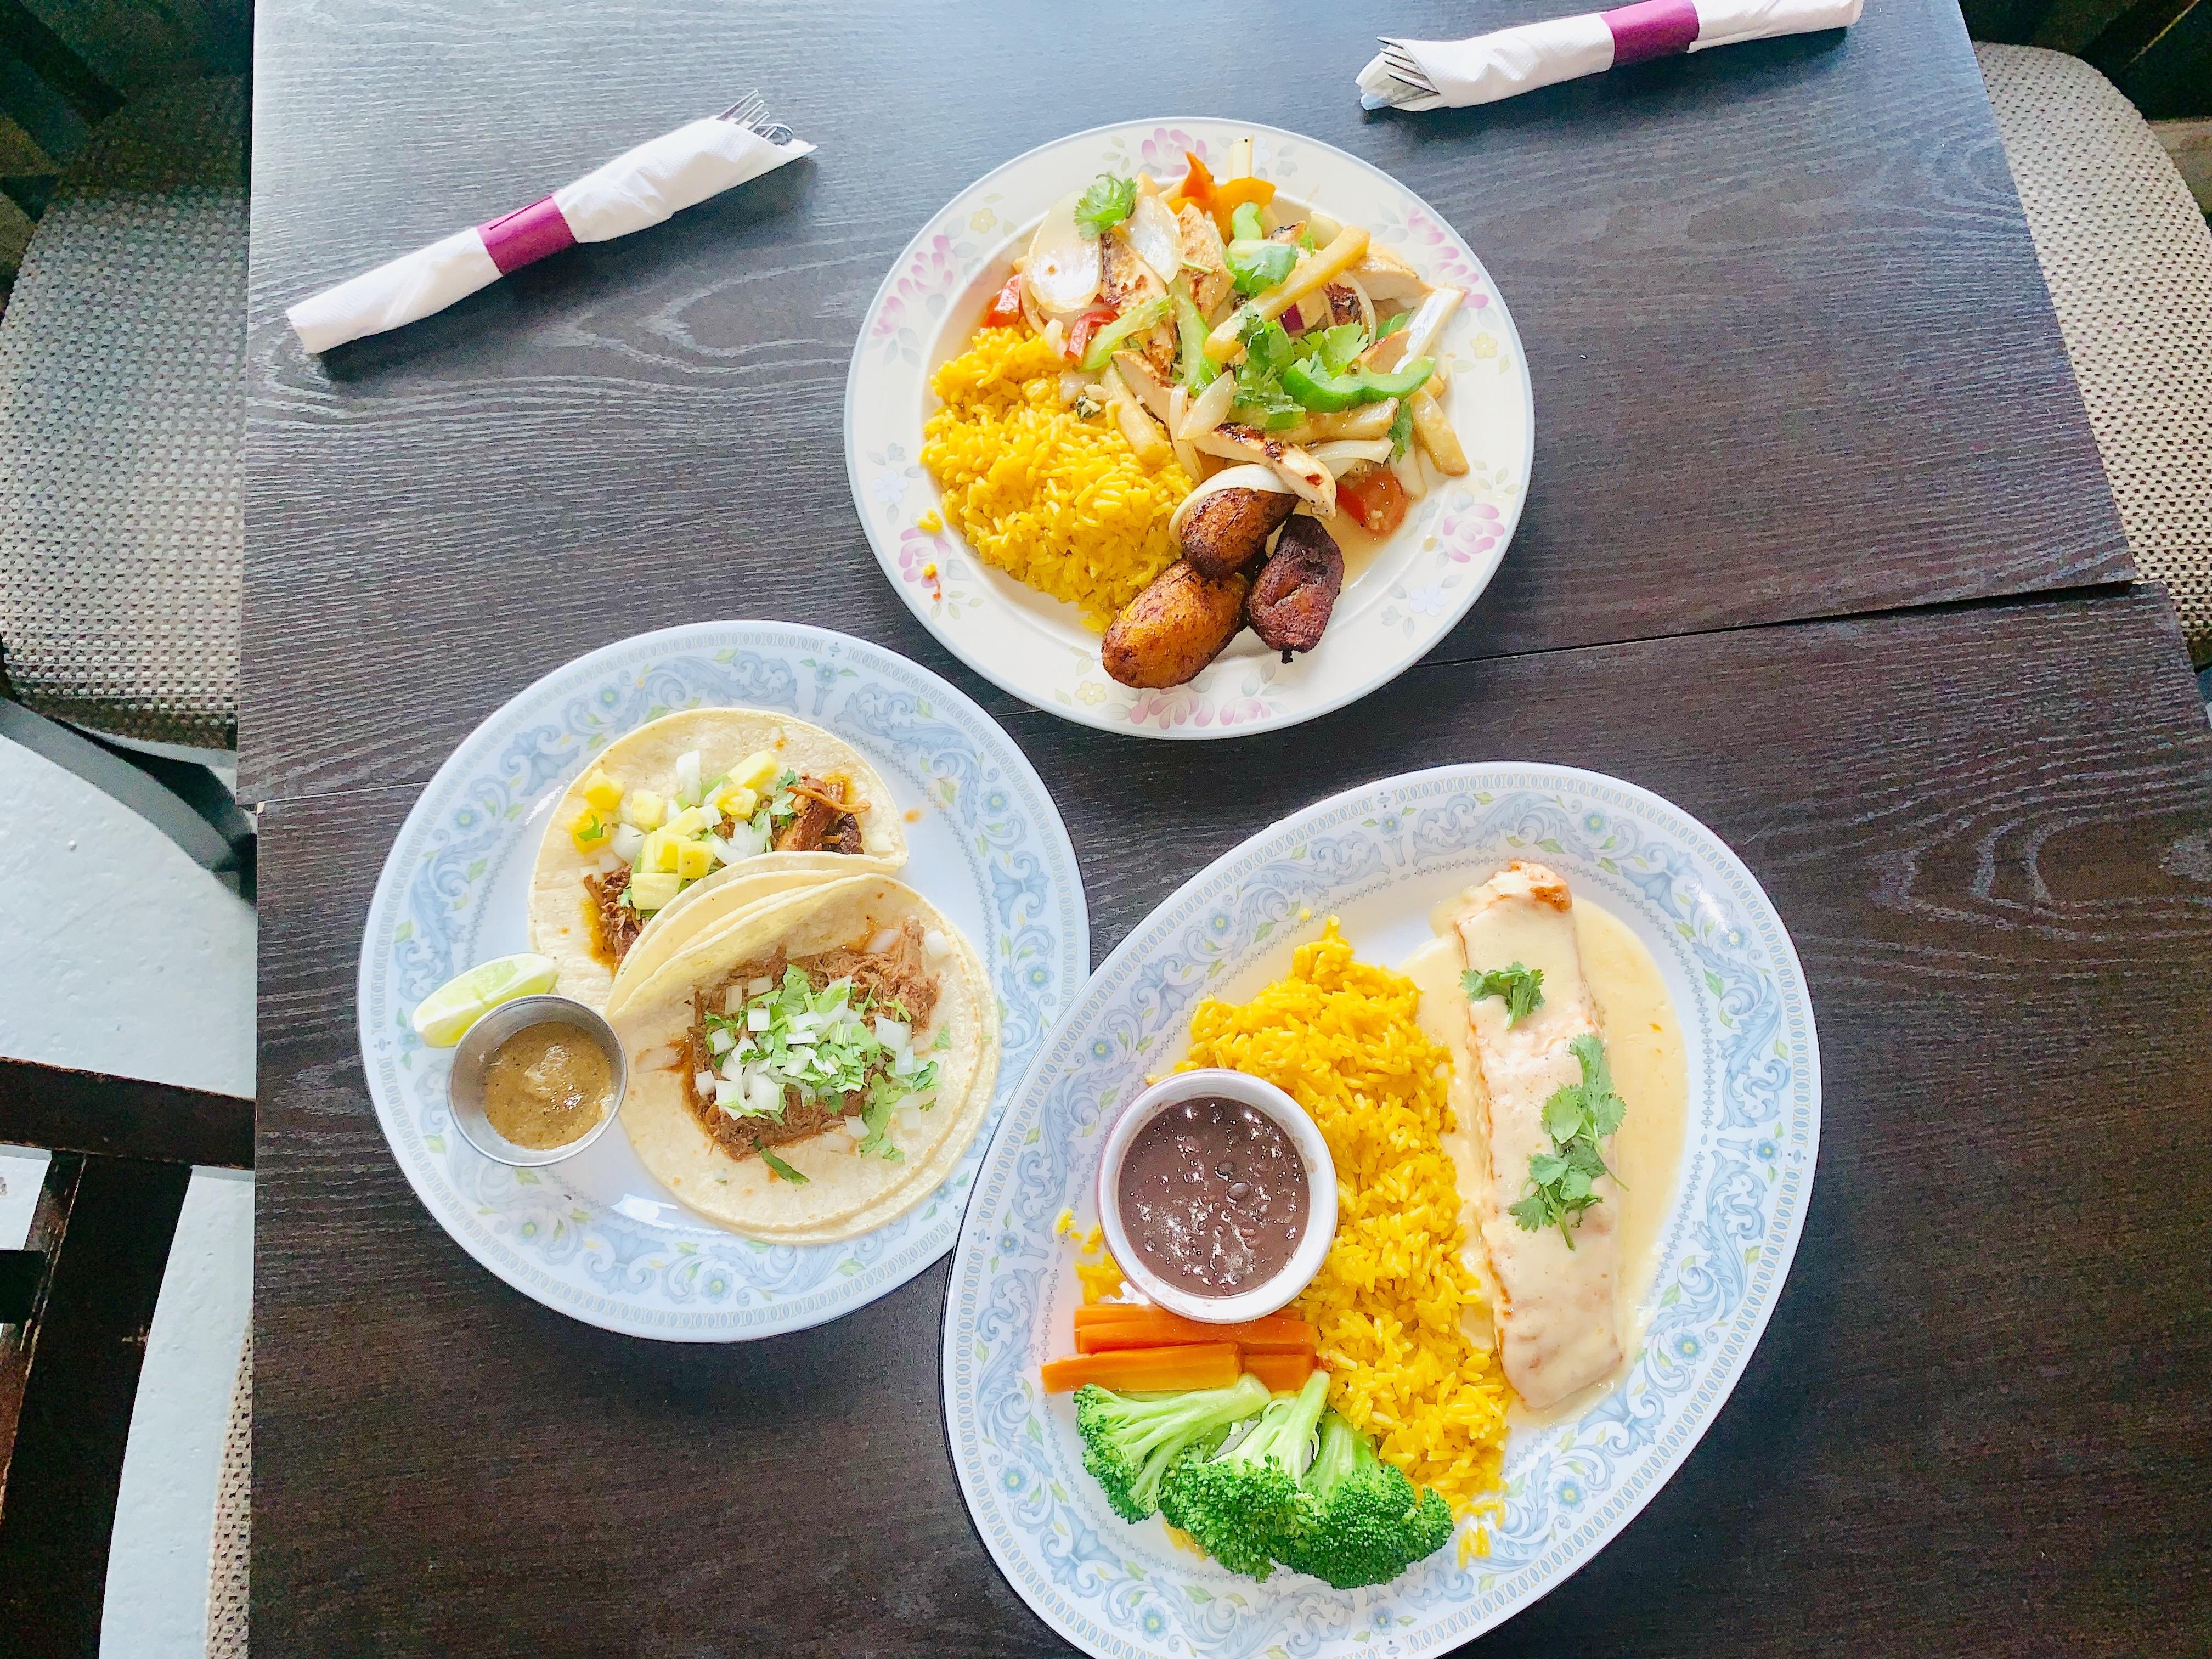 Tacos are now served alongside saltado, top, at El Camino.